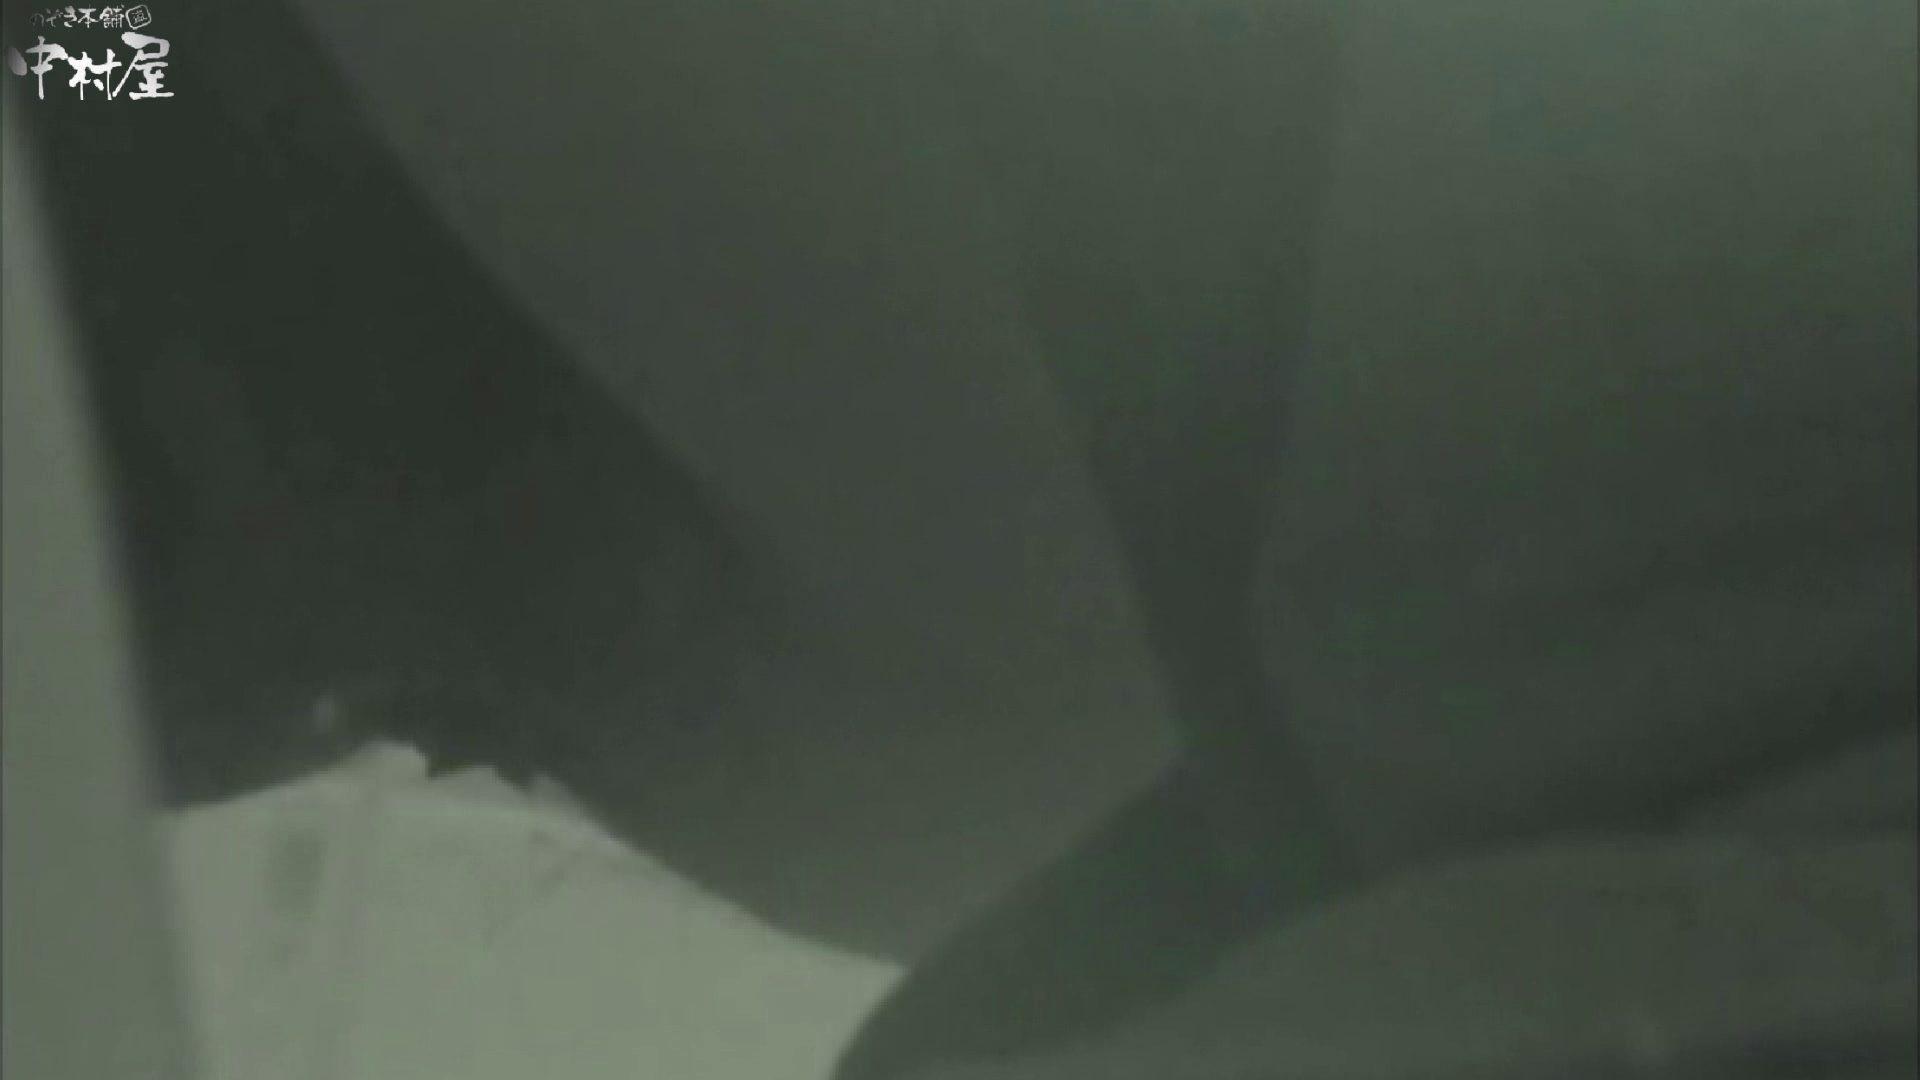 解禁!海の家4カメ洗面所vol.09 エロいギャル | 人気シリーズ  9枚 4